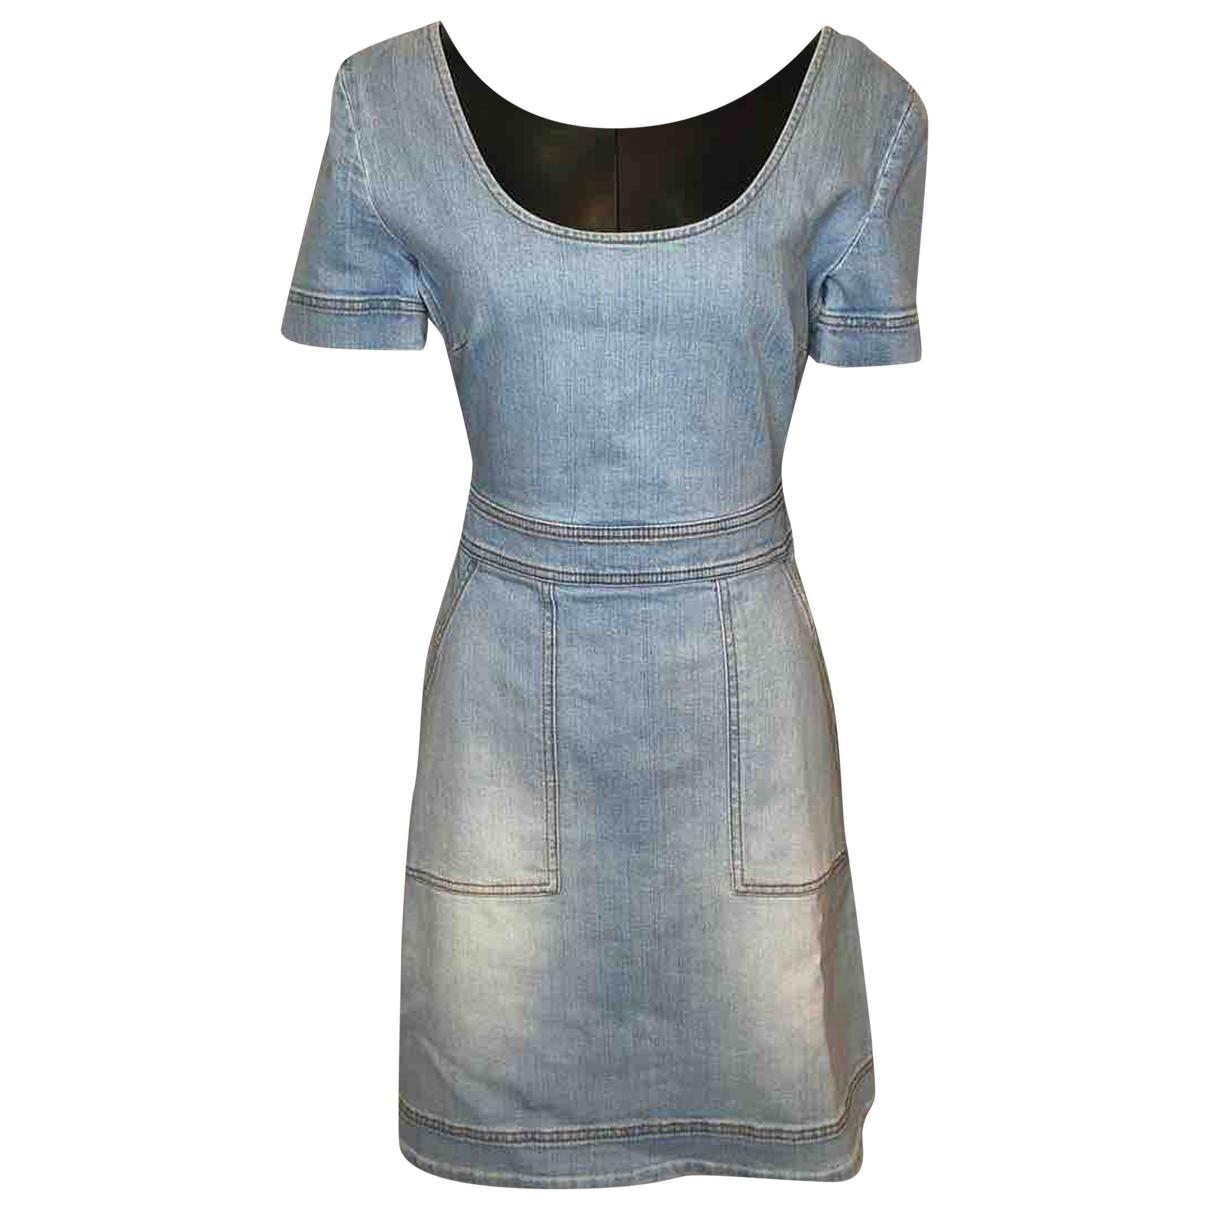 Stella Mccartney \N Blue Denim - Jeans dress for Women 42 IT